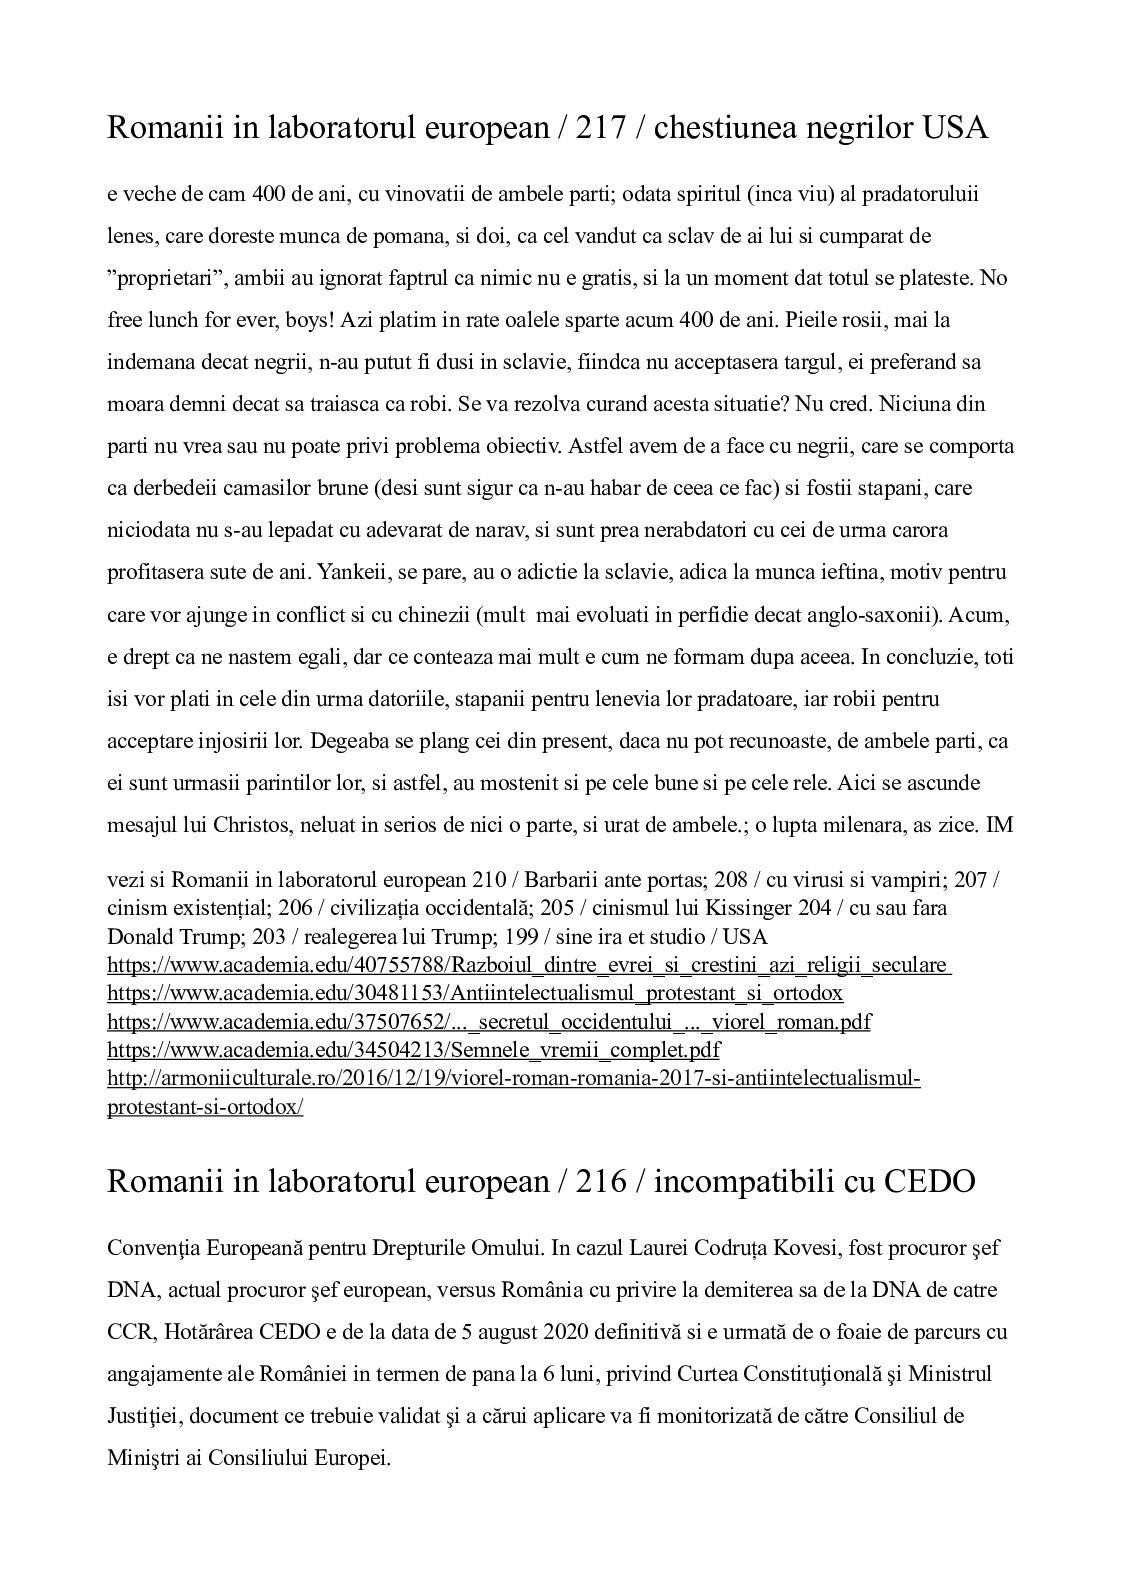 tarife de roaming mai mici în Europa | Arhiva | Comunicate de presa | Orange Newsroom